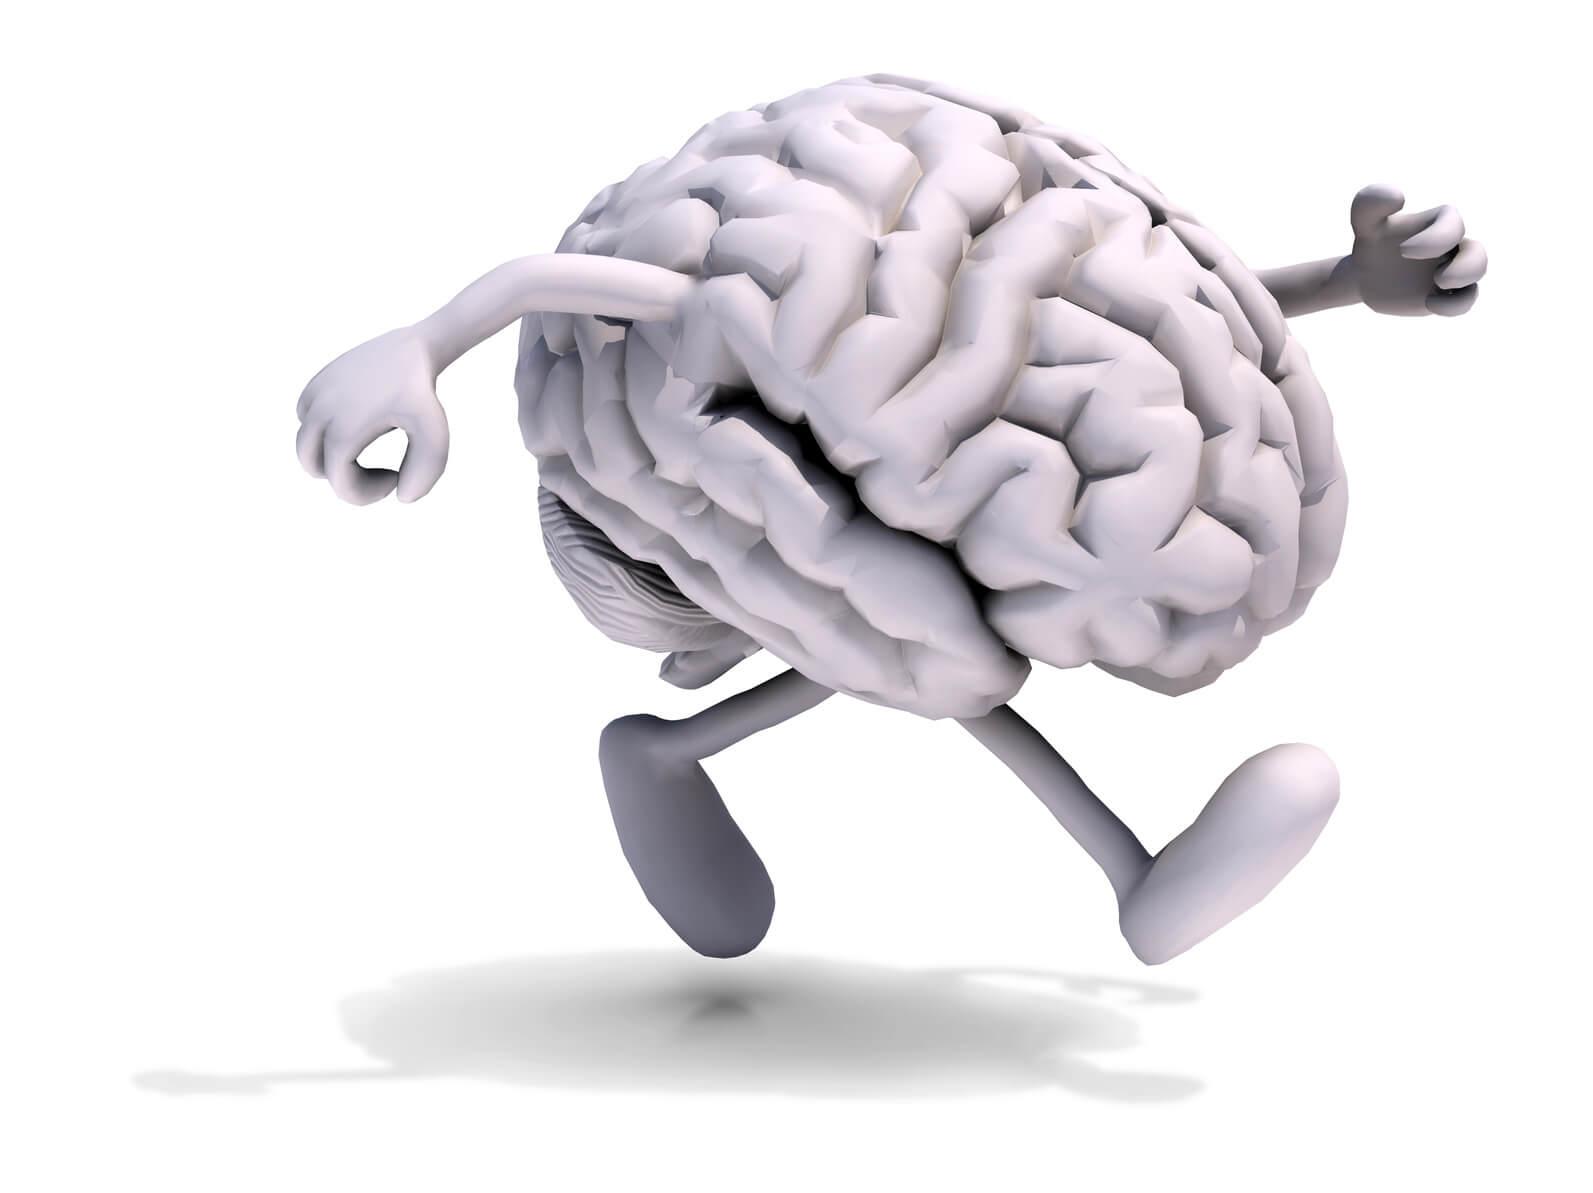 Gehirn Beine_compr